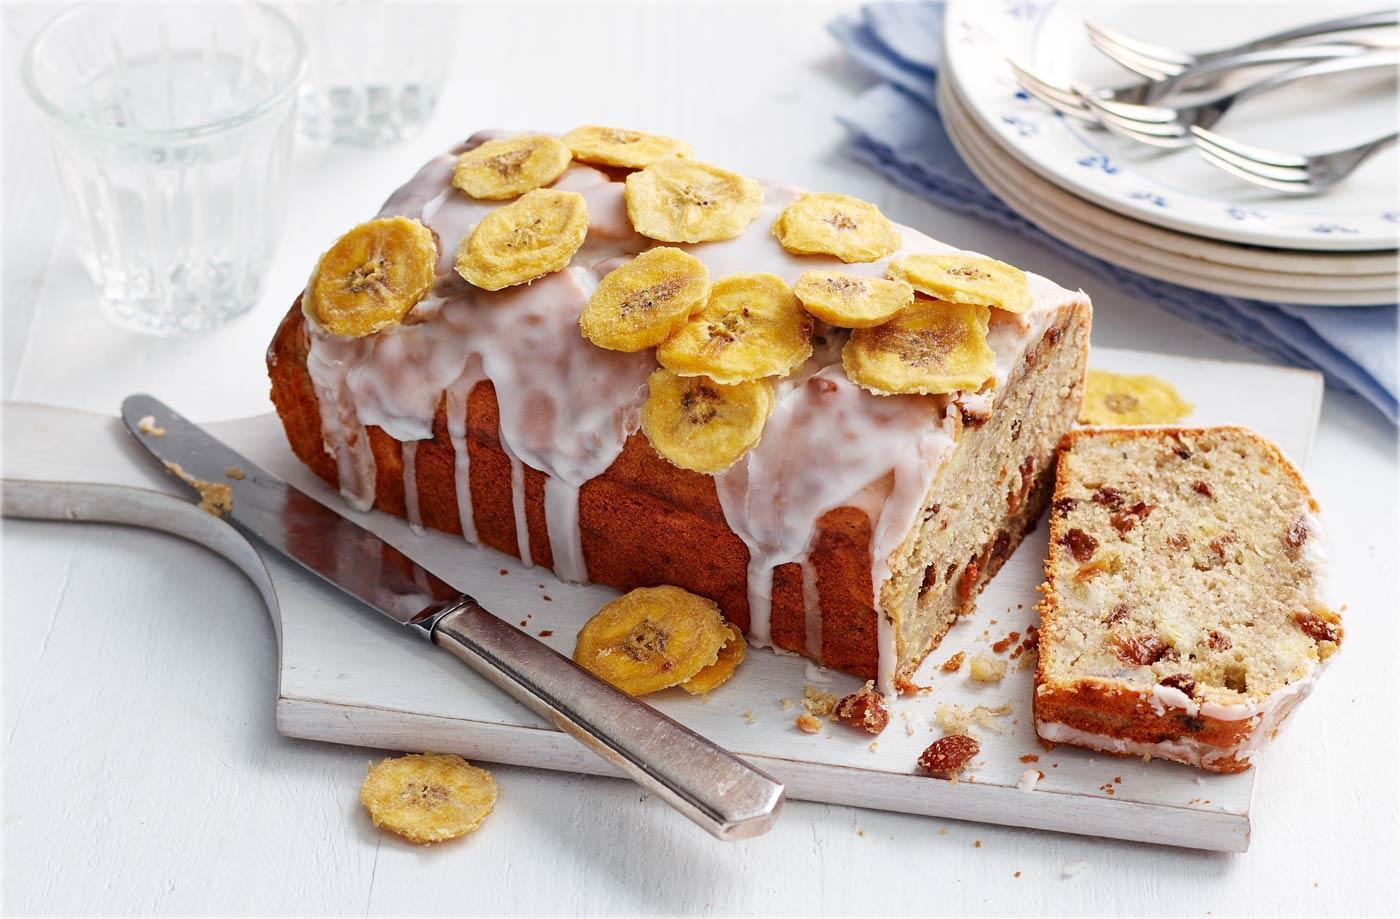 3. Resep Fruit Cake Rendah Kalori - Gluten-Free Steamed Banana Cake